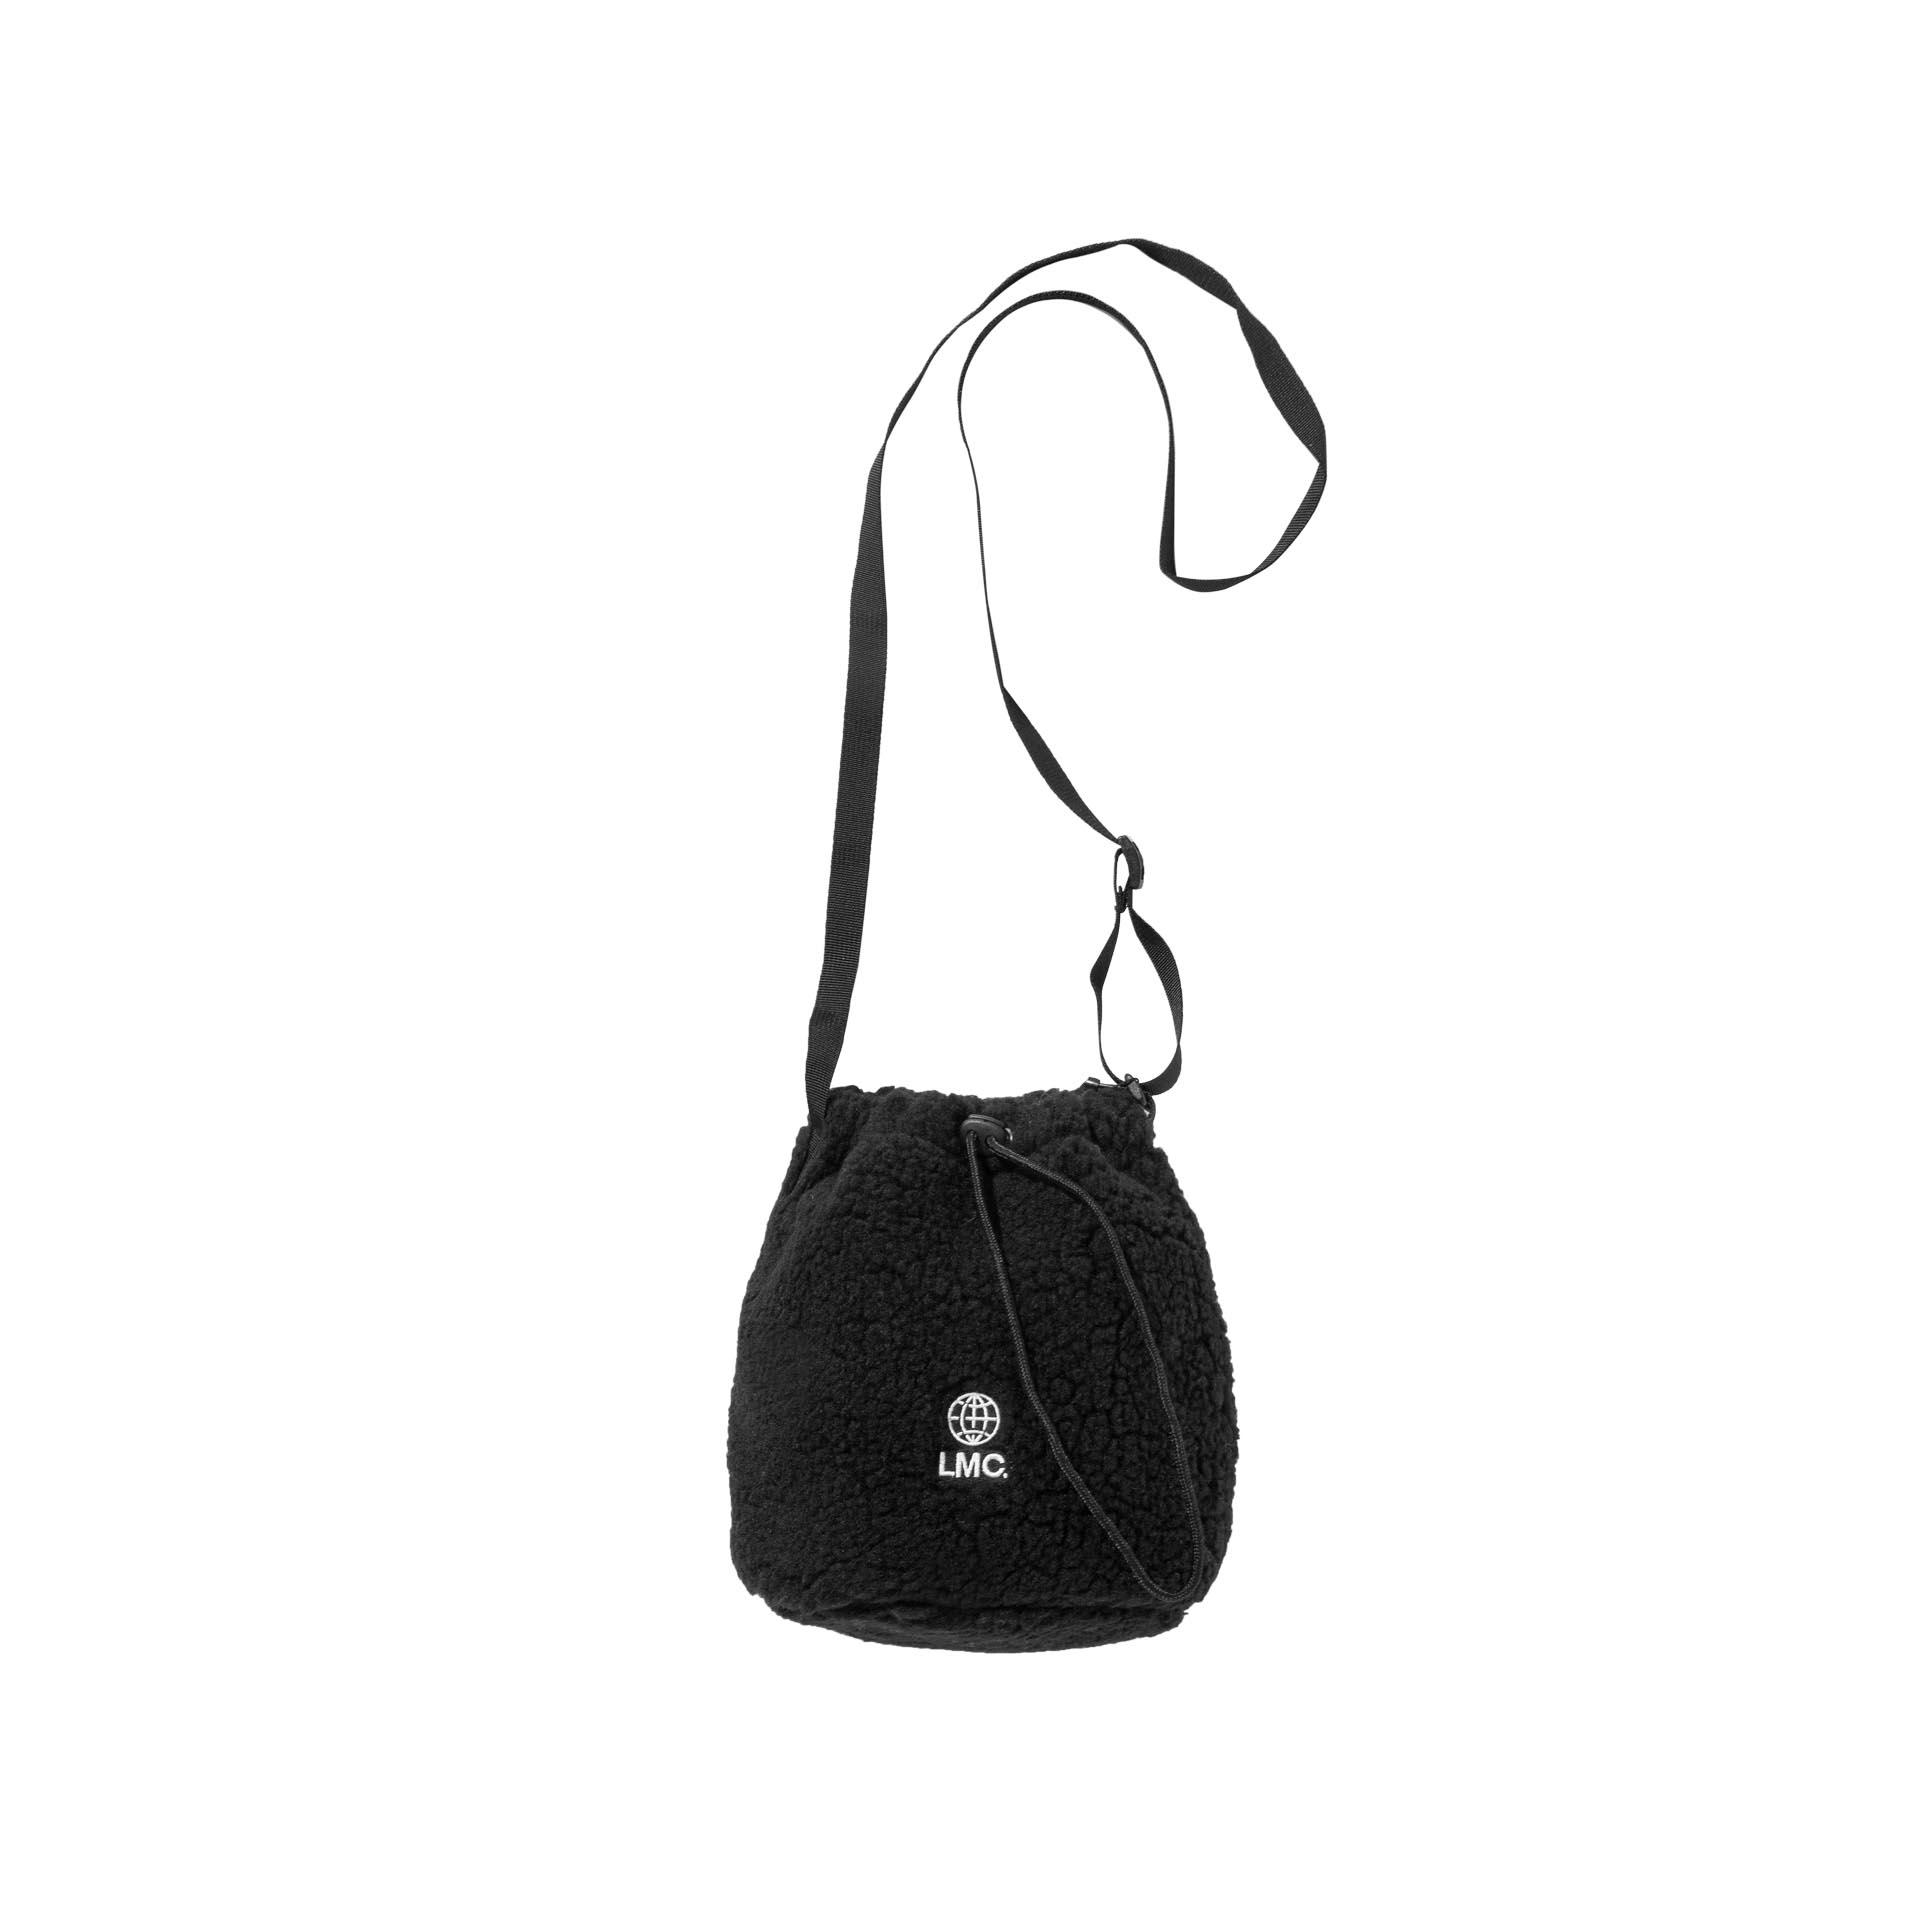 엘엠씨(LMC) LMC BOA PERSONAL EFFECTS BAG black